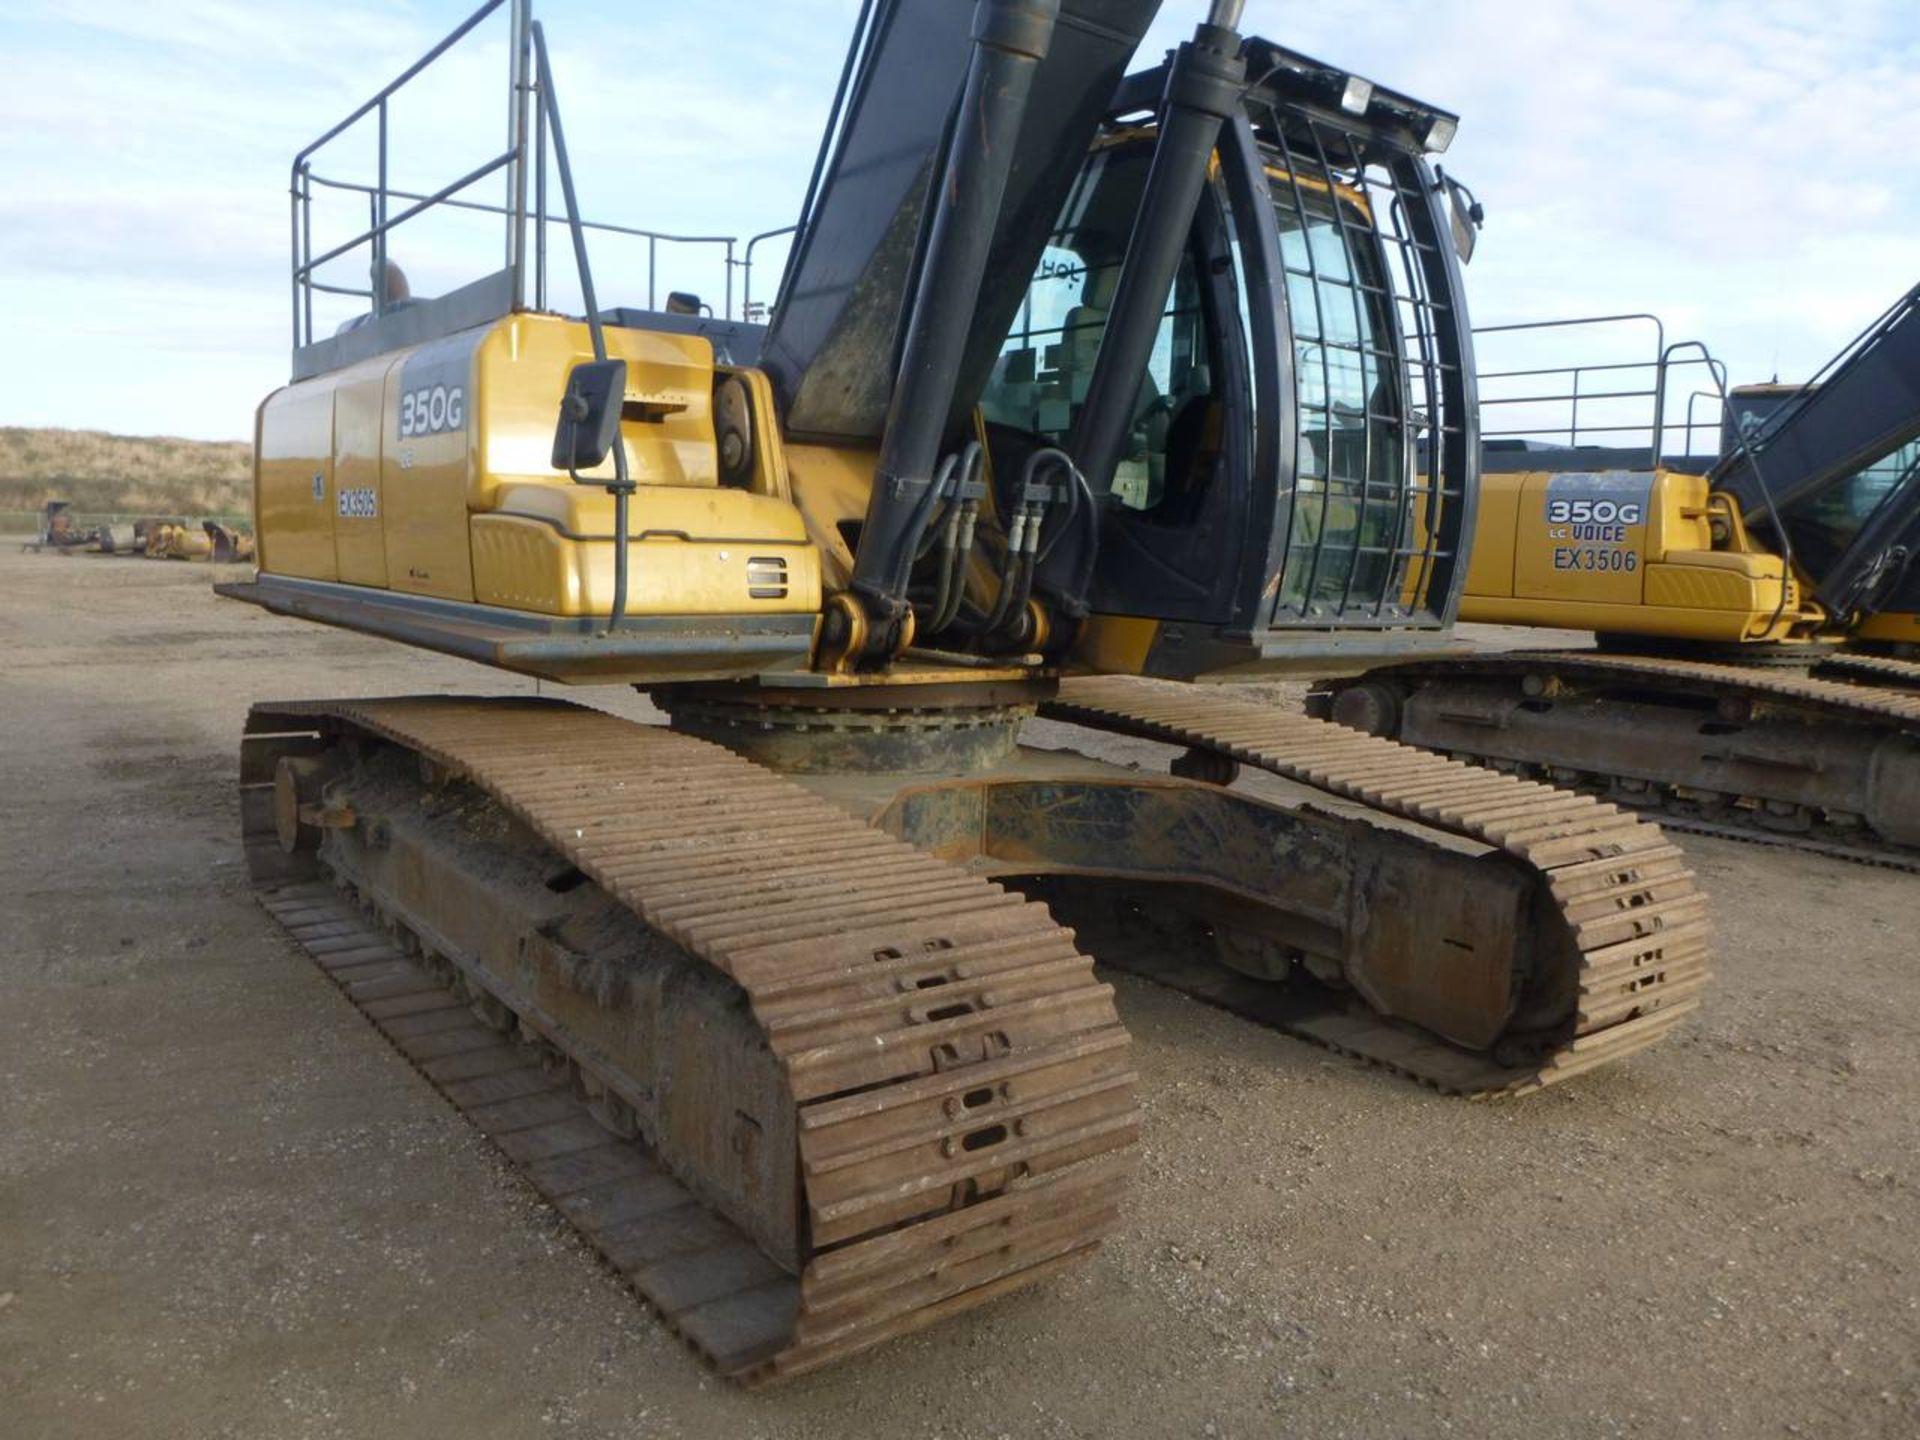 2012 John Deere 350G LC Excavator - Image 3 of 12